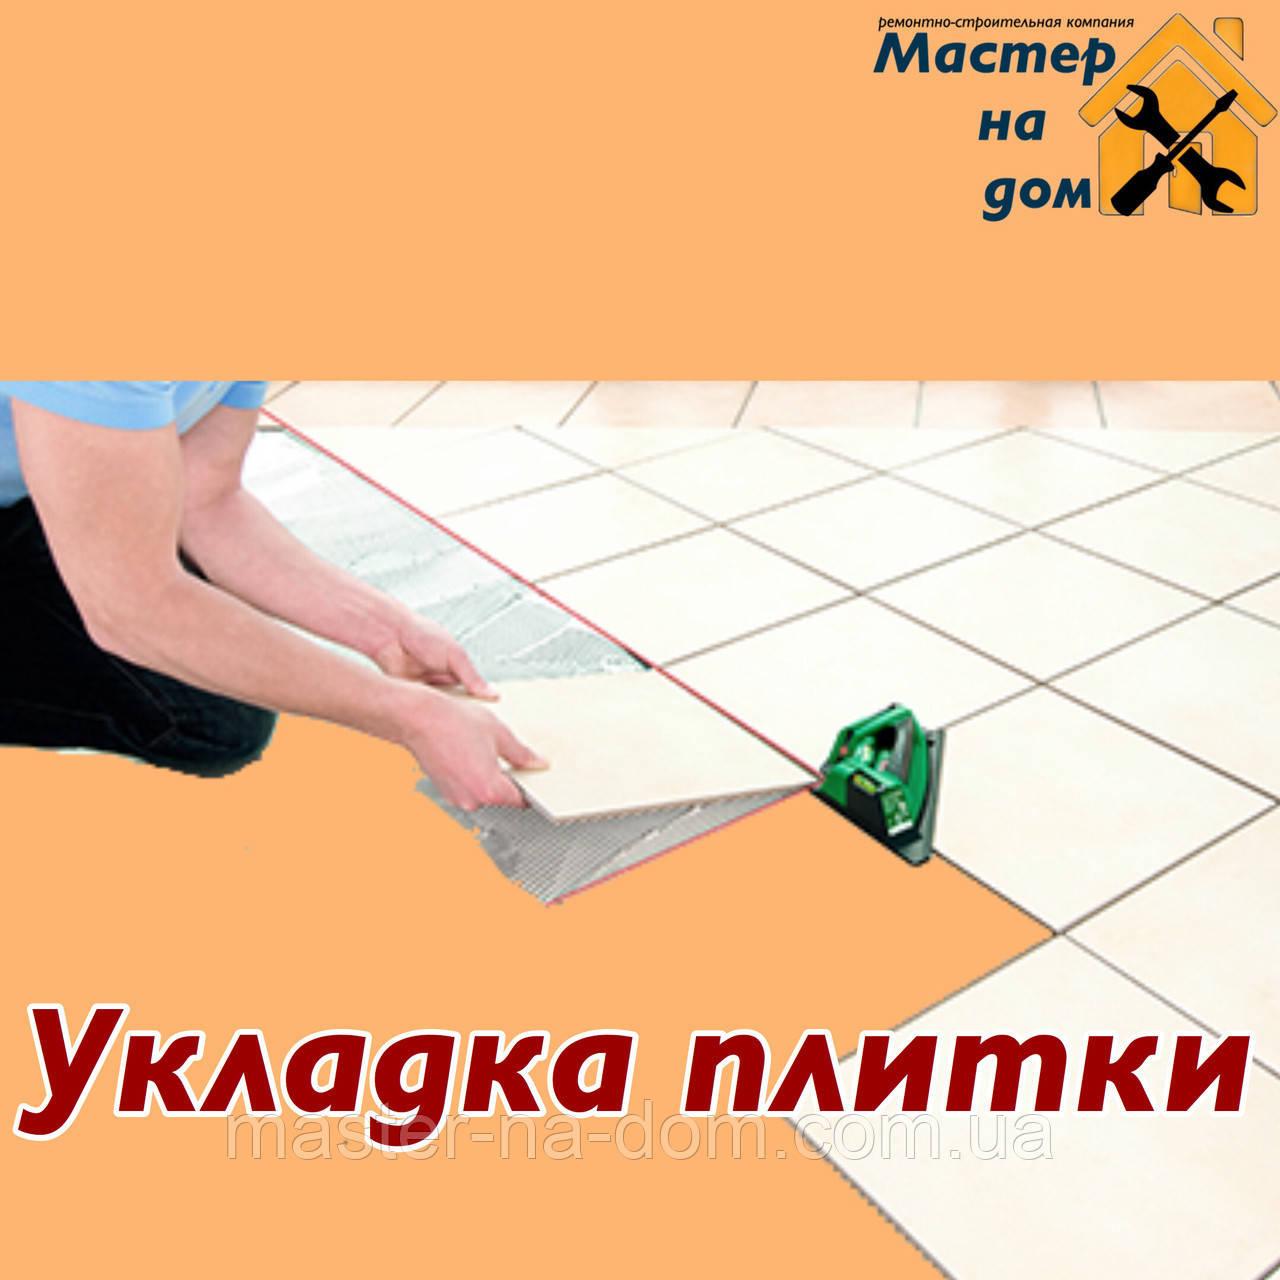 Укладка плитки и кафеля в Одессе